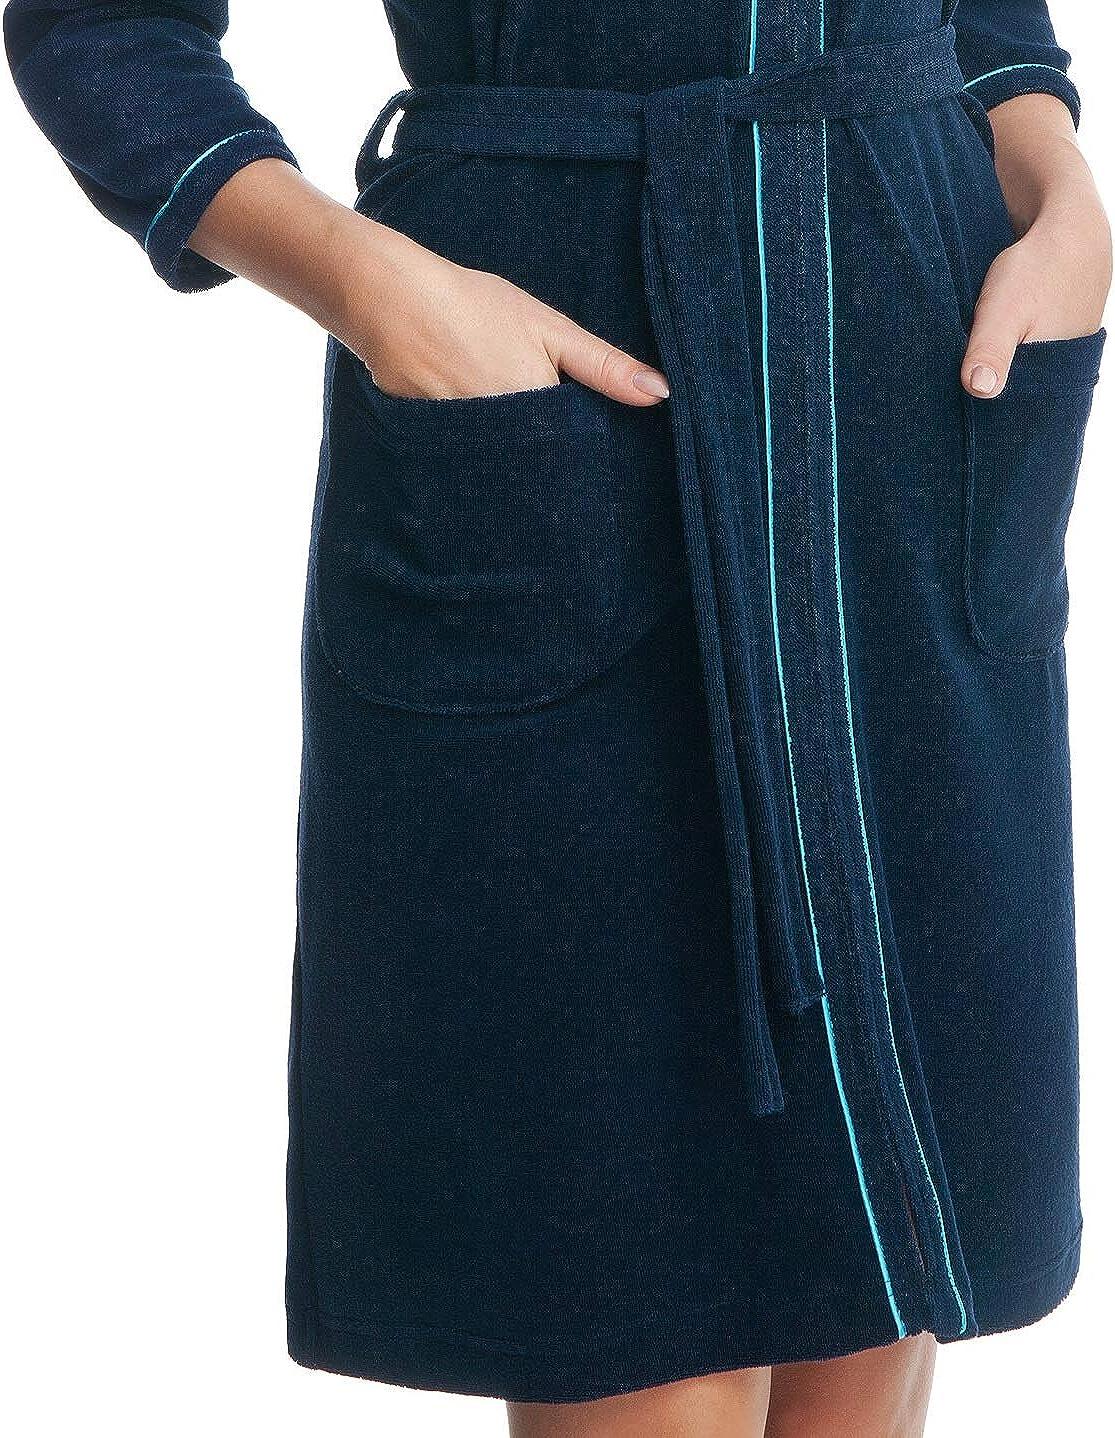 DOROTA Trendiger und gemütlicher Damen Baumwoll-Bademantel, Made in EU, Verschiedene Ausführungen Dunkelblau